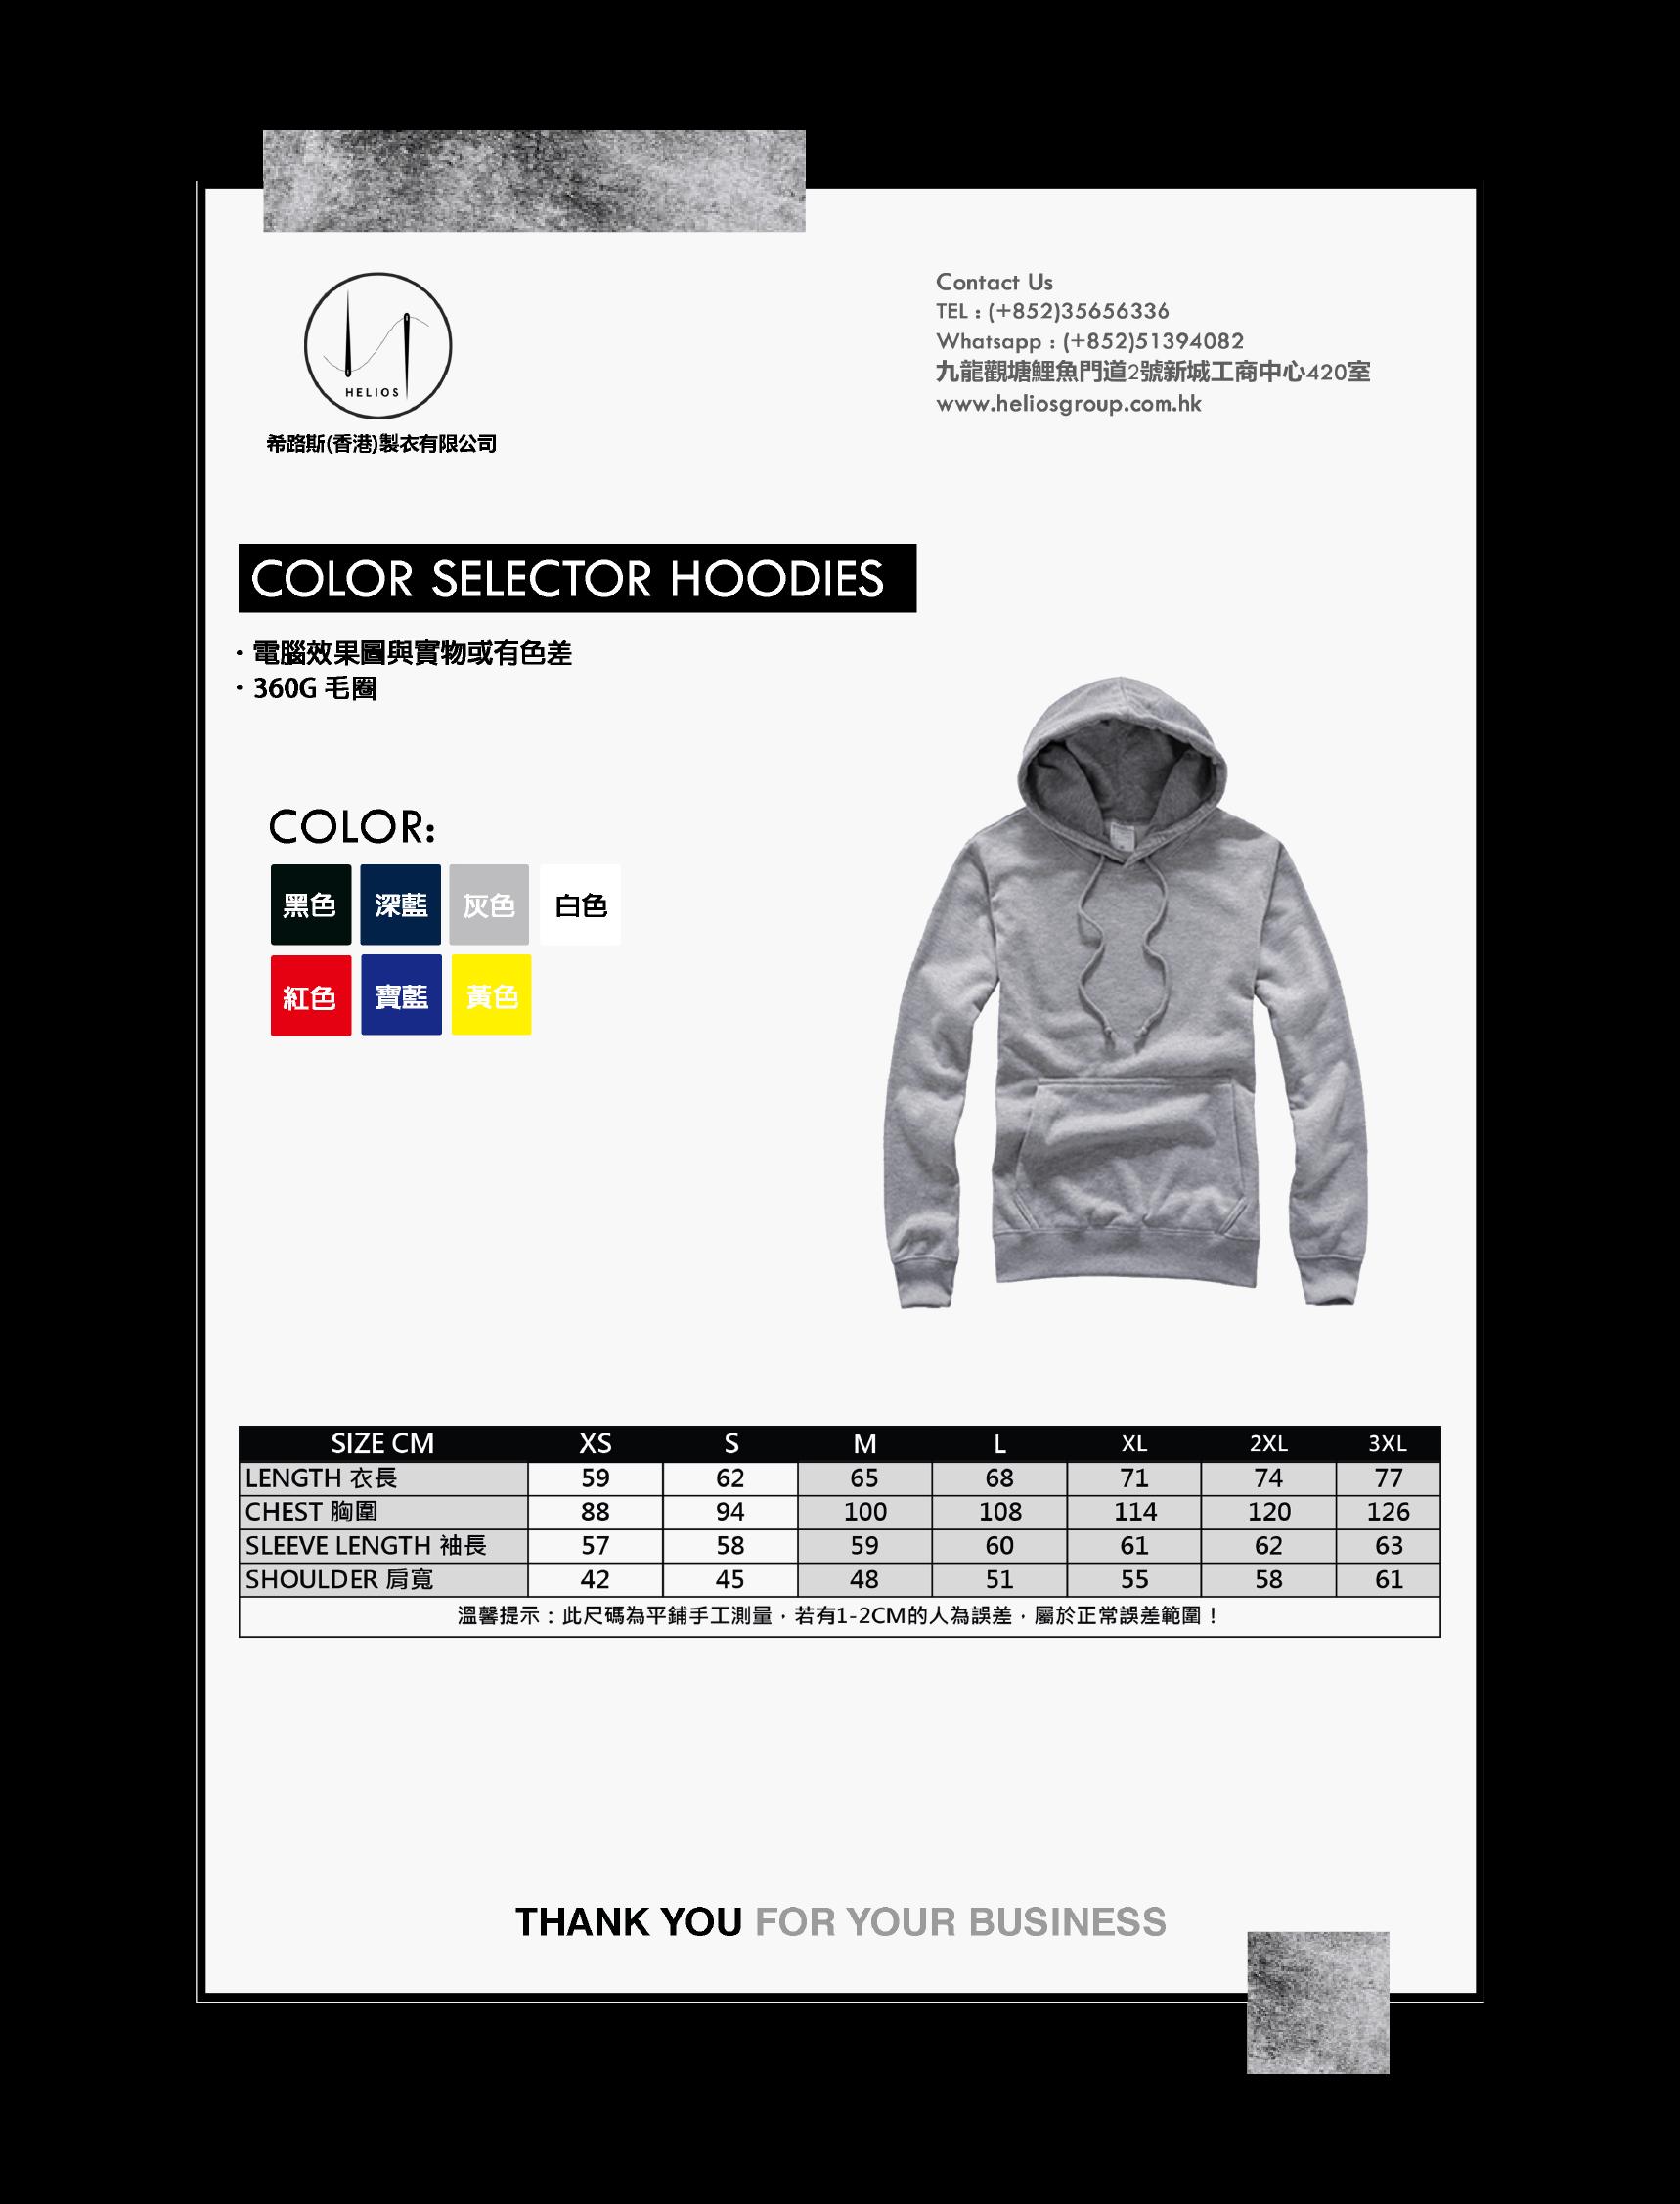 成衣 360G hoodie 尺碼表